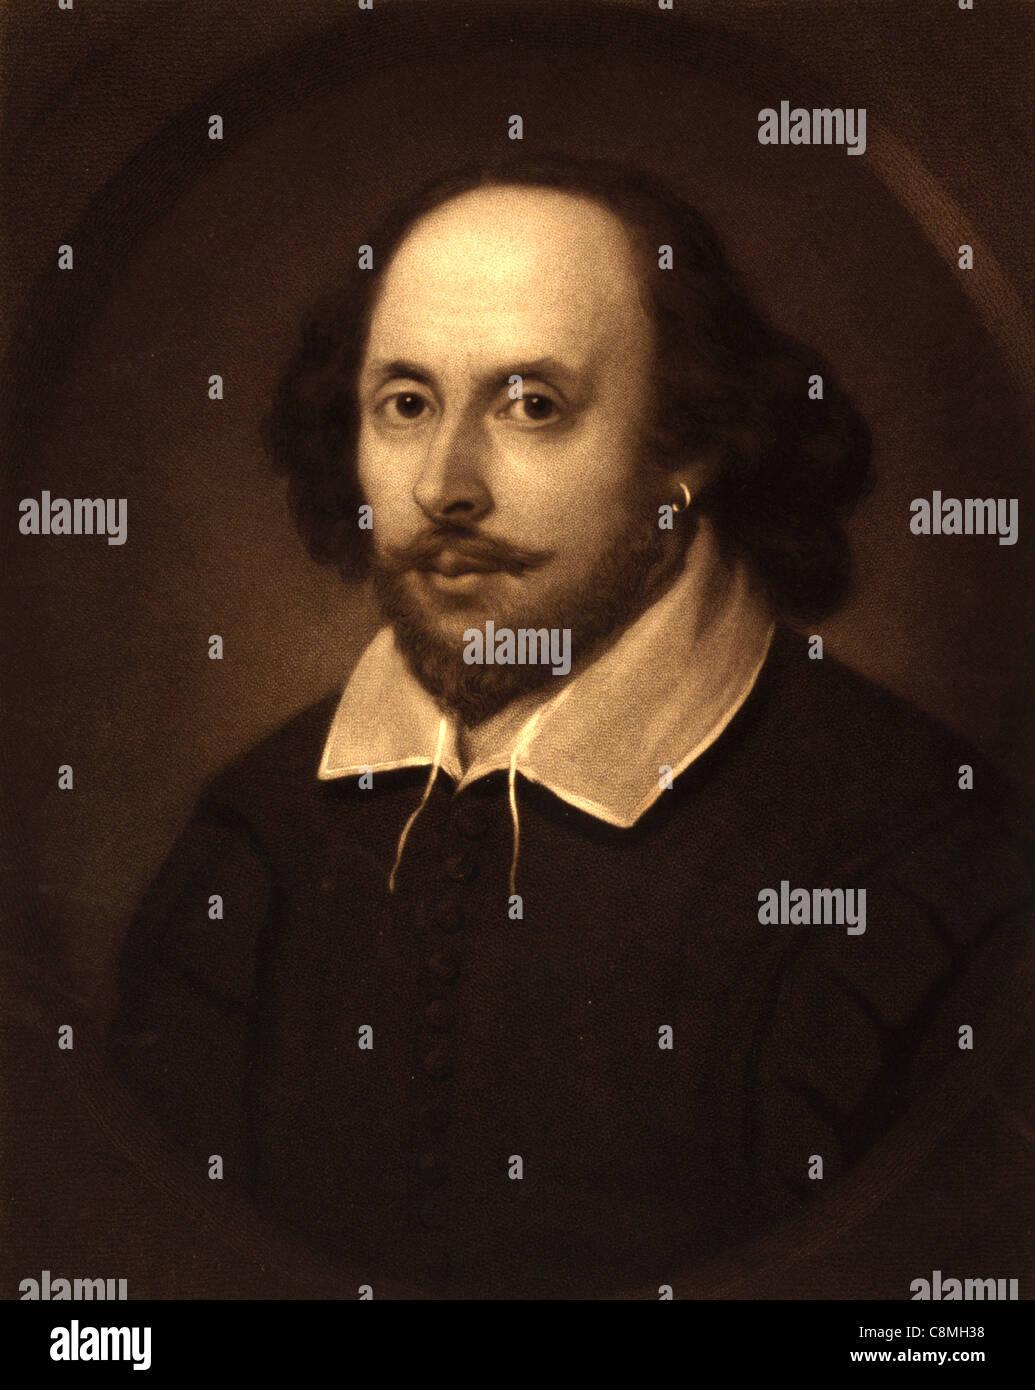 William Shakespeare, poète et dramaturge anglais. Portrait de William Shakespeare Banque D'Images